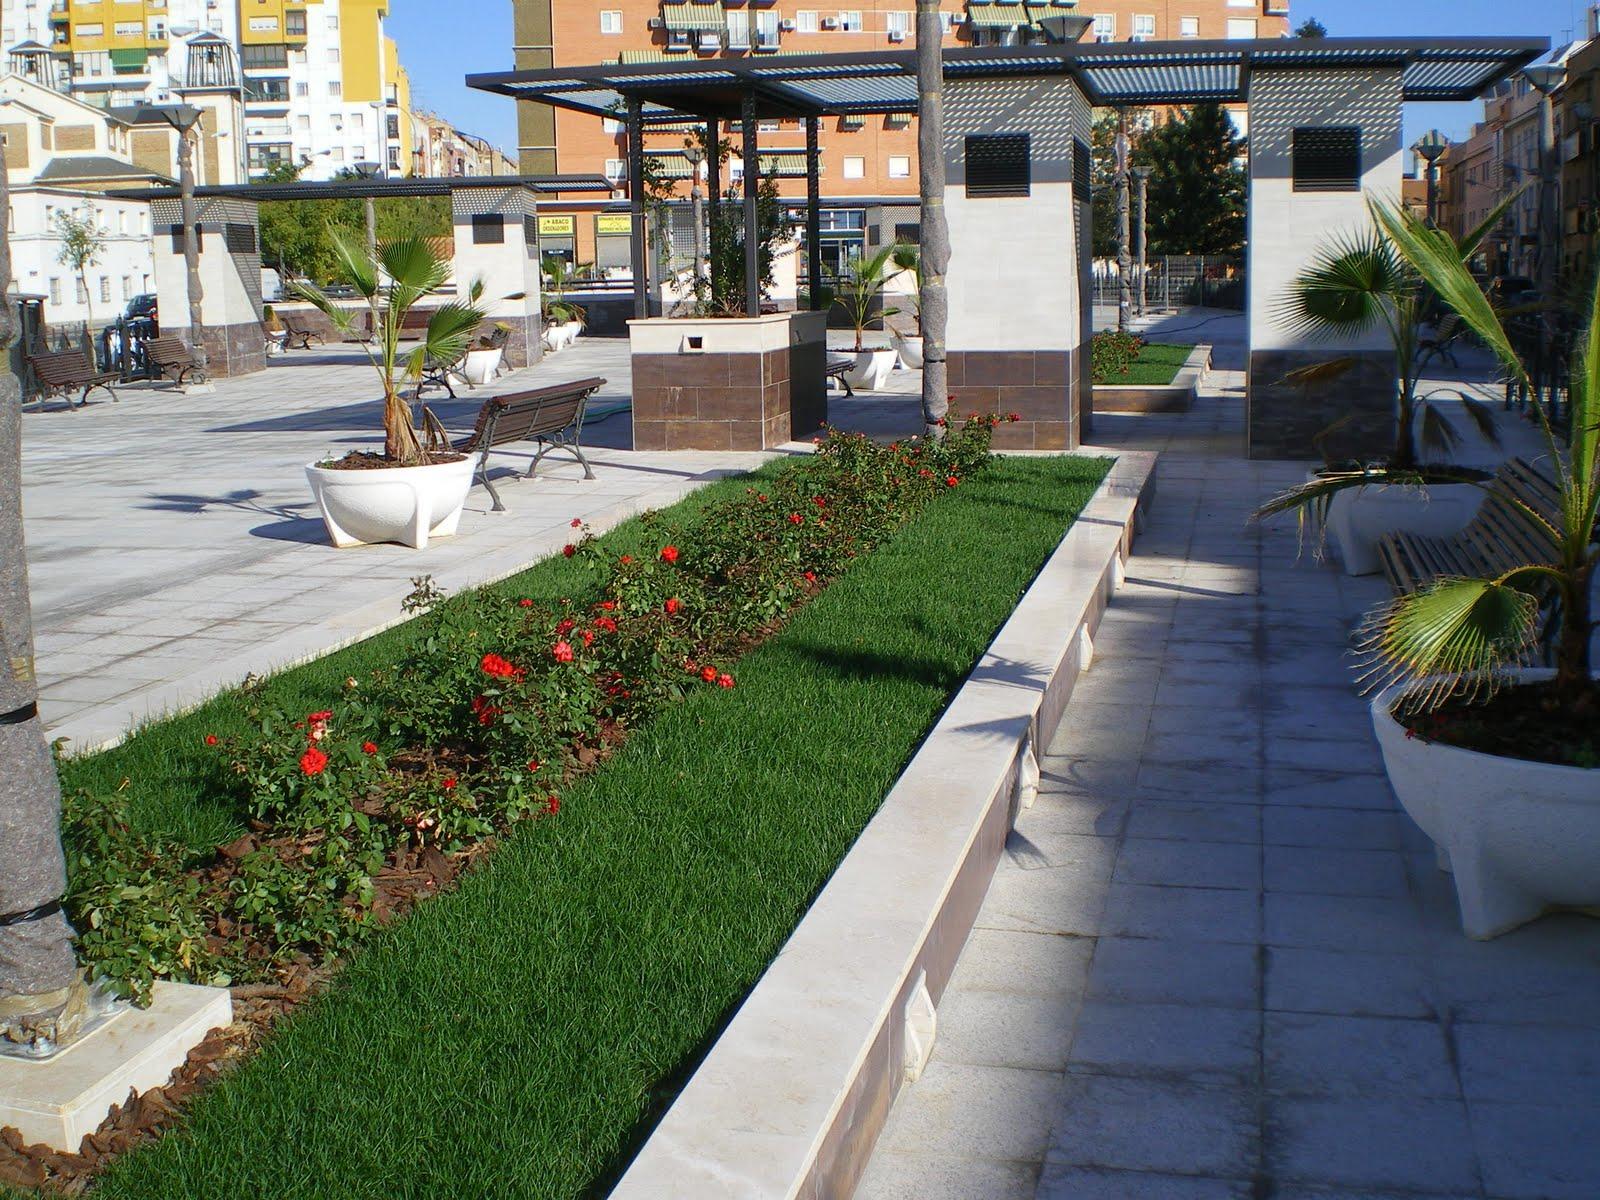 adems en las zonas de jardineras altas se juega con las gitanillas de color blanco en la zona perimetral para que puedan colgar por el borde de la